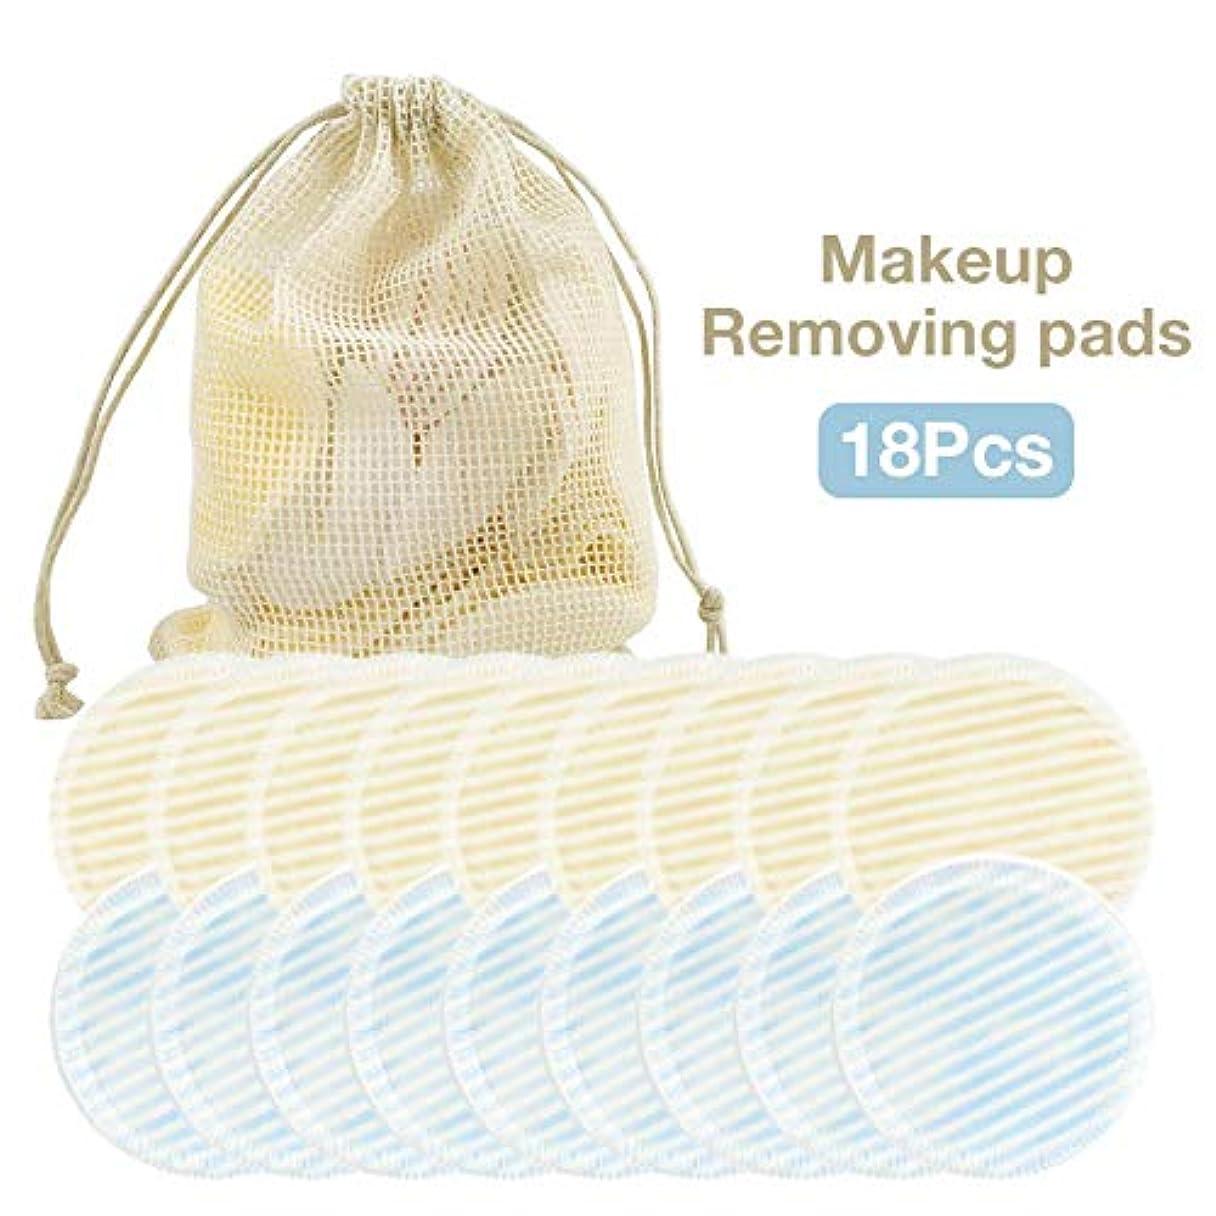 口述する滝詳細な化粧パッド 化粧除去コットンパッド 繊維素材 柔らかい 持ち運びが容易 使いやすい バッグ付き 再利用可能 18個パッド